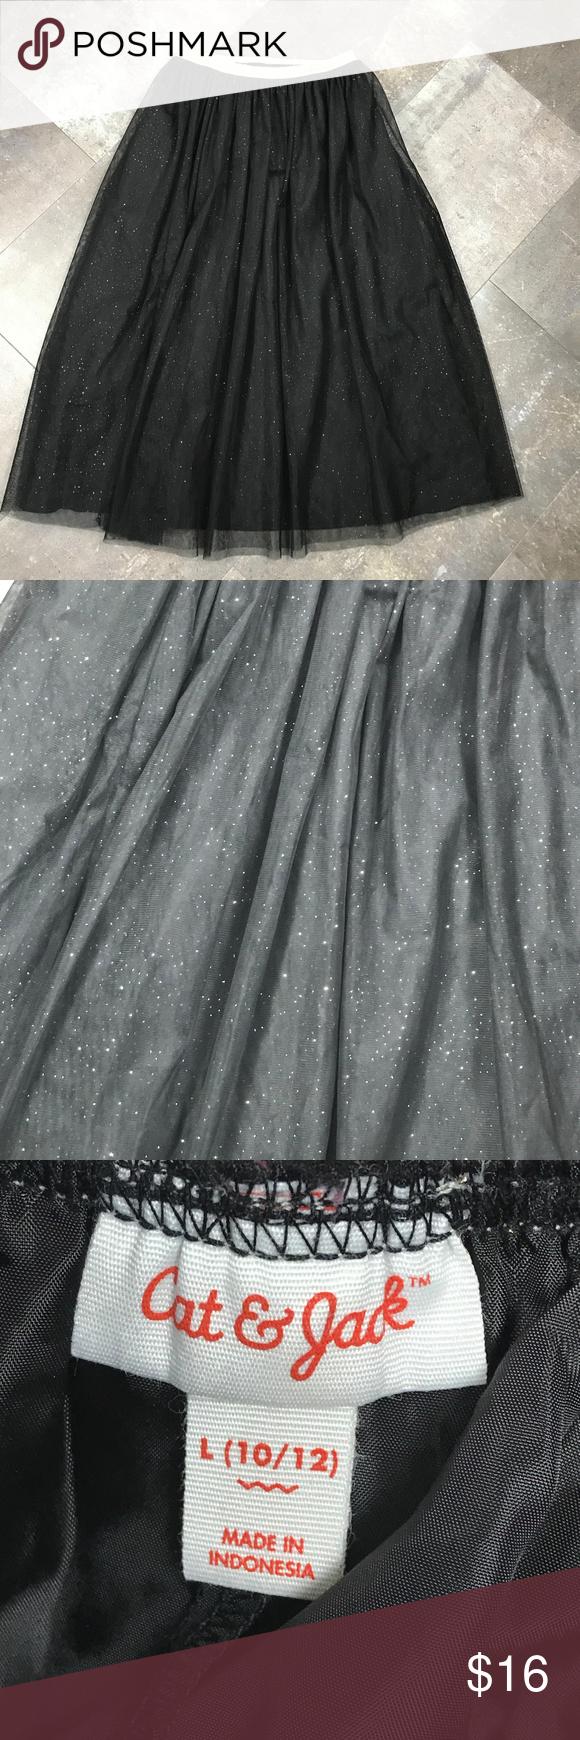 cfe6c24110 Layered Black Tulle Skirt Gold Glitter Cat & Jack tulle skirt Two layers of black  tulle